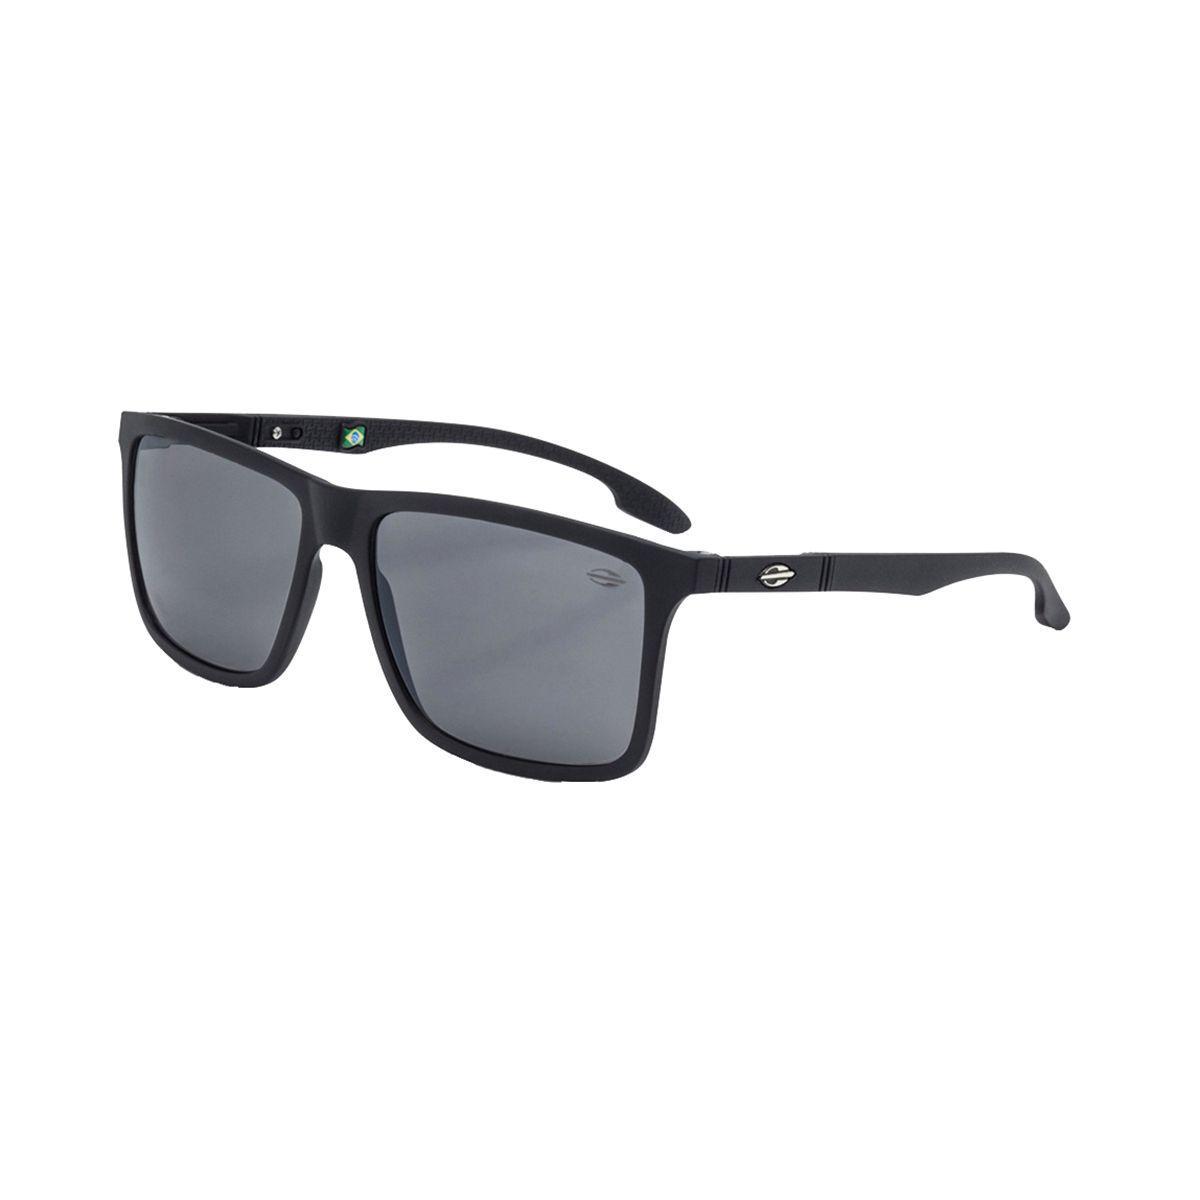 Óculos De Sol Kona Cinza E Preto M0036 Mormaii - Mormaii R  279,00 à vista.  Adicionar à sacola e1158ca186